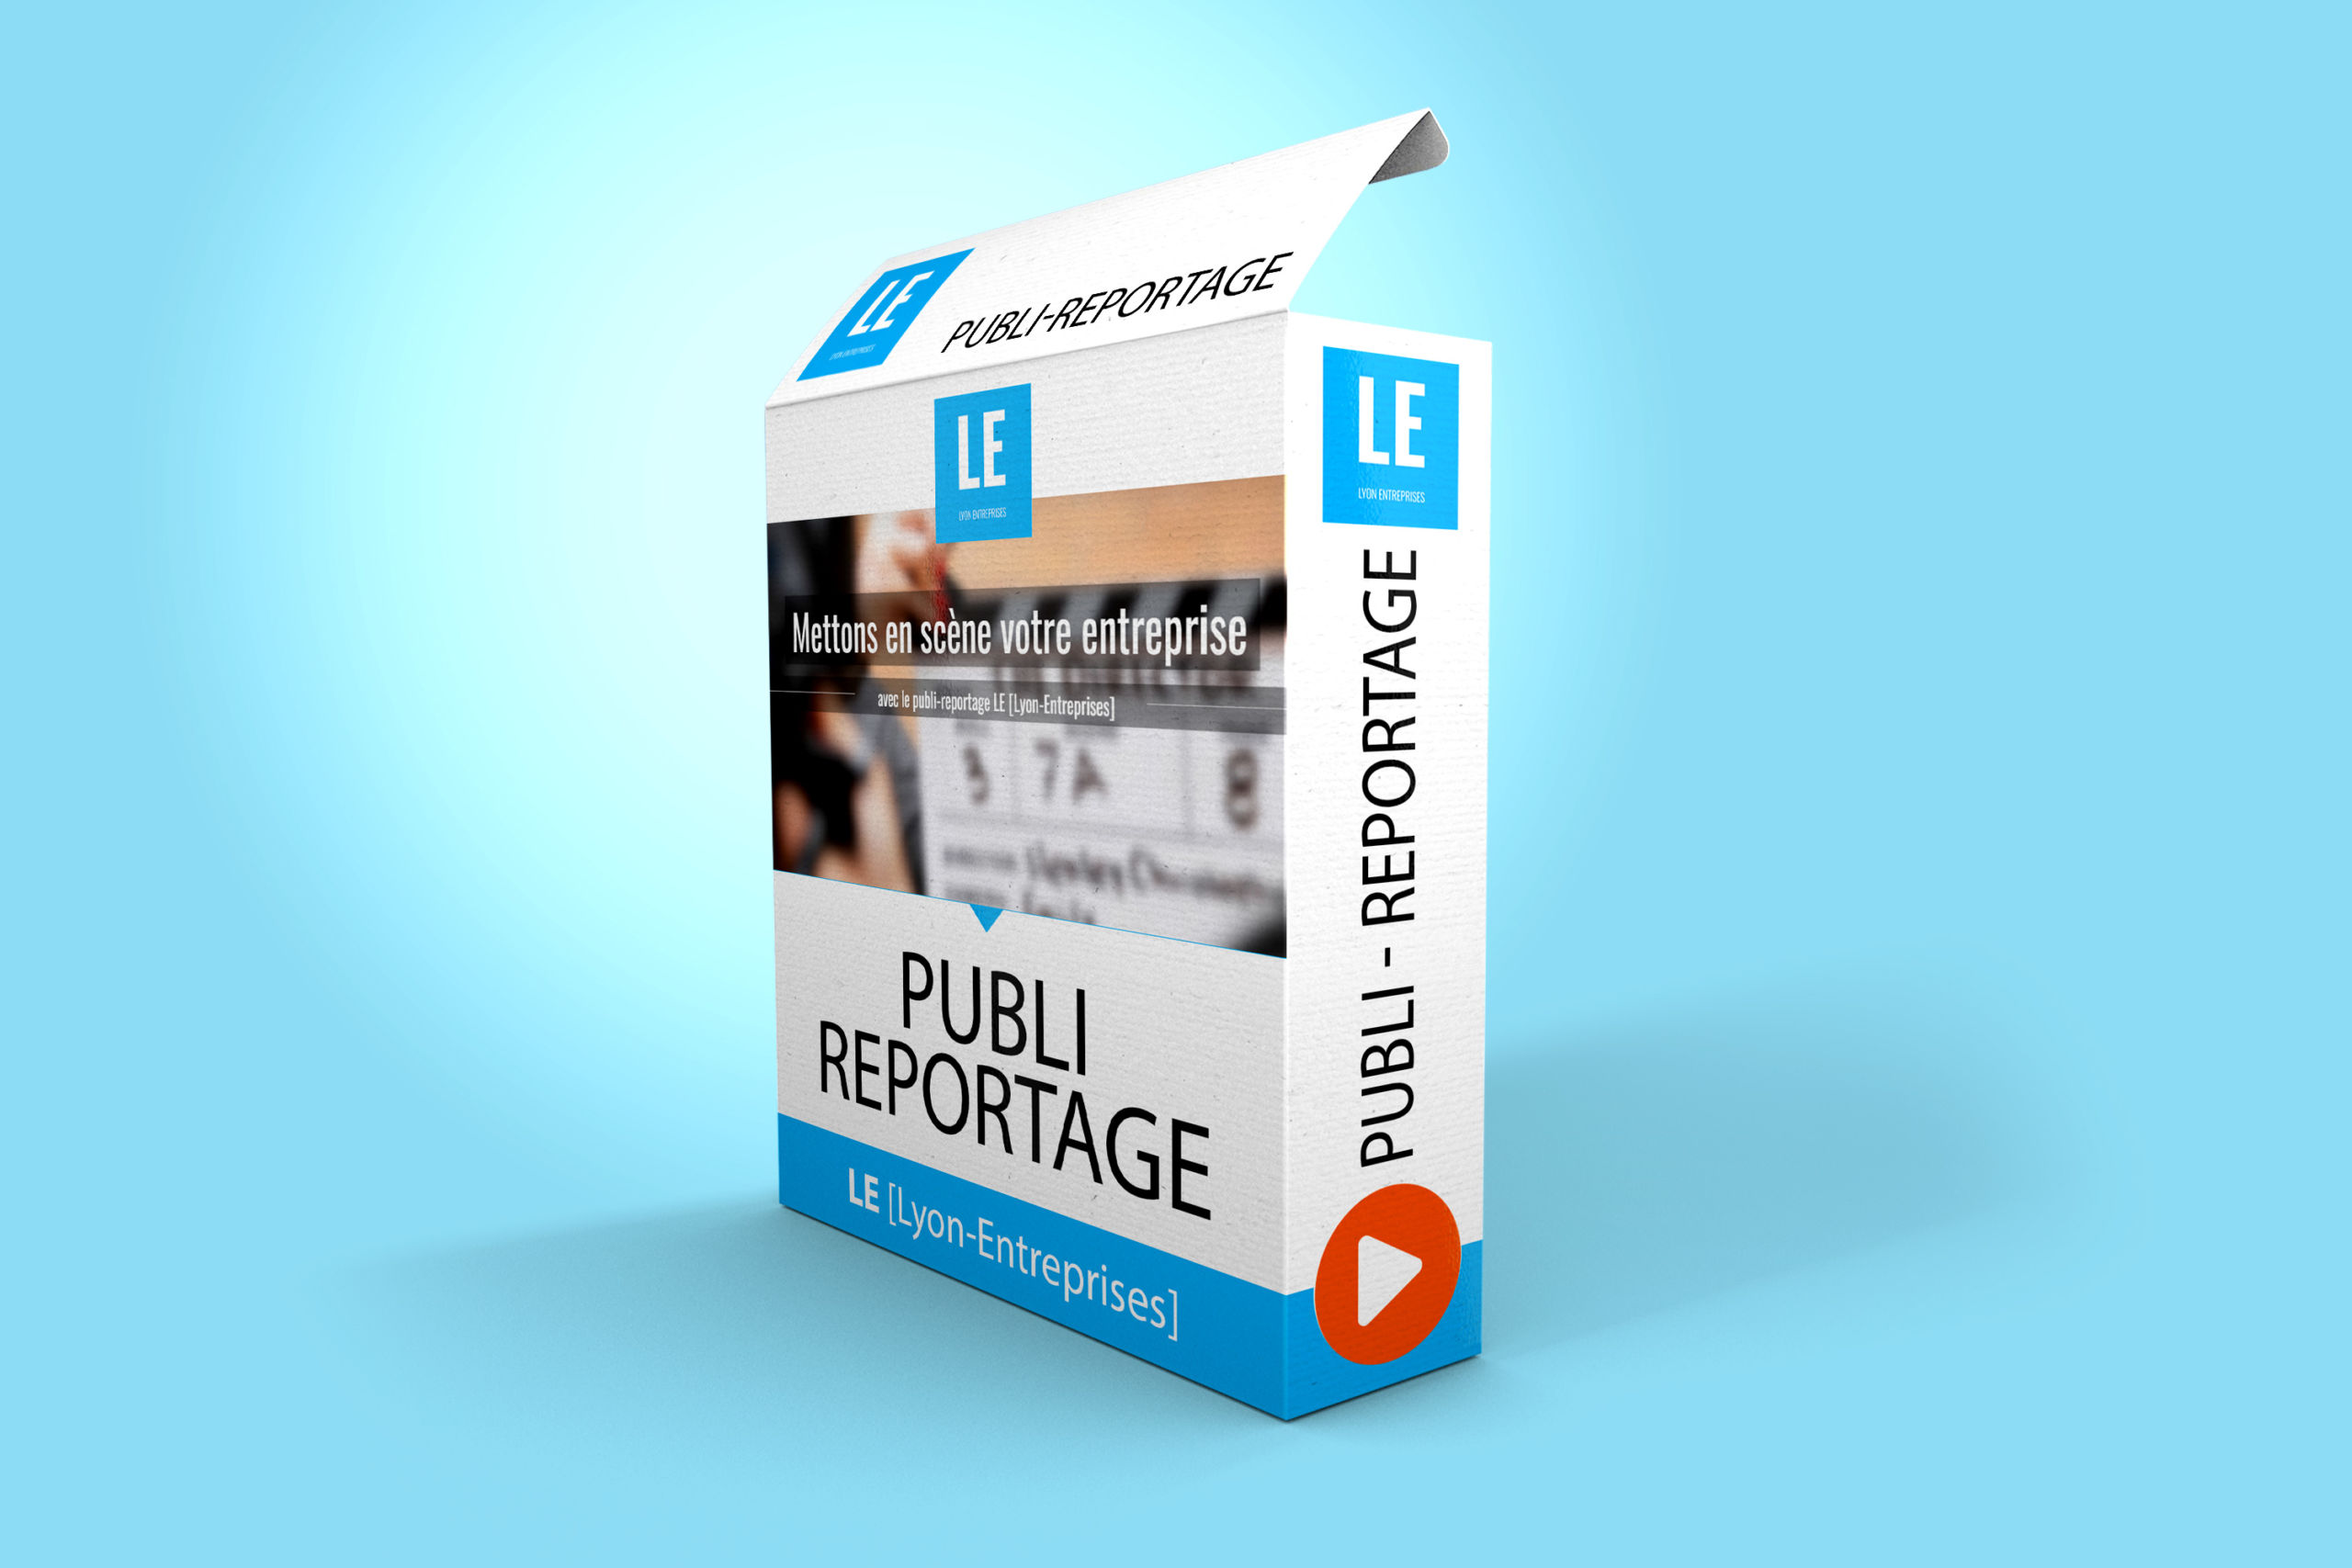 publi-reportage vidéo diffusé sur Lyon-Entreprises